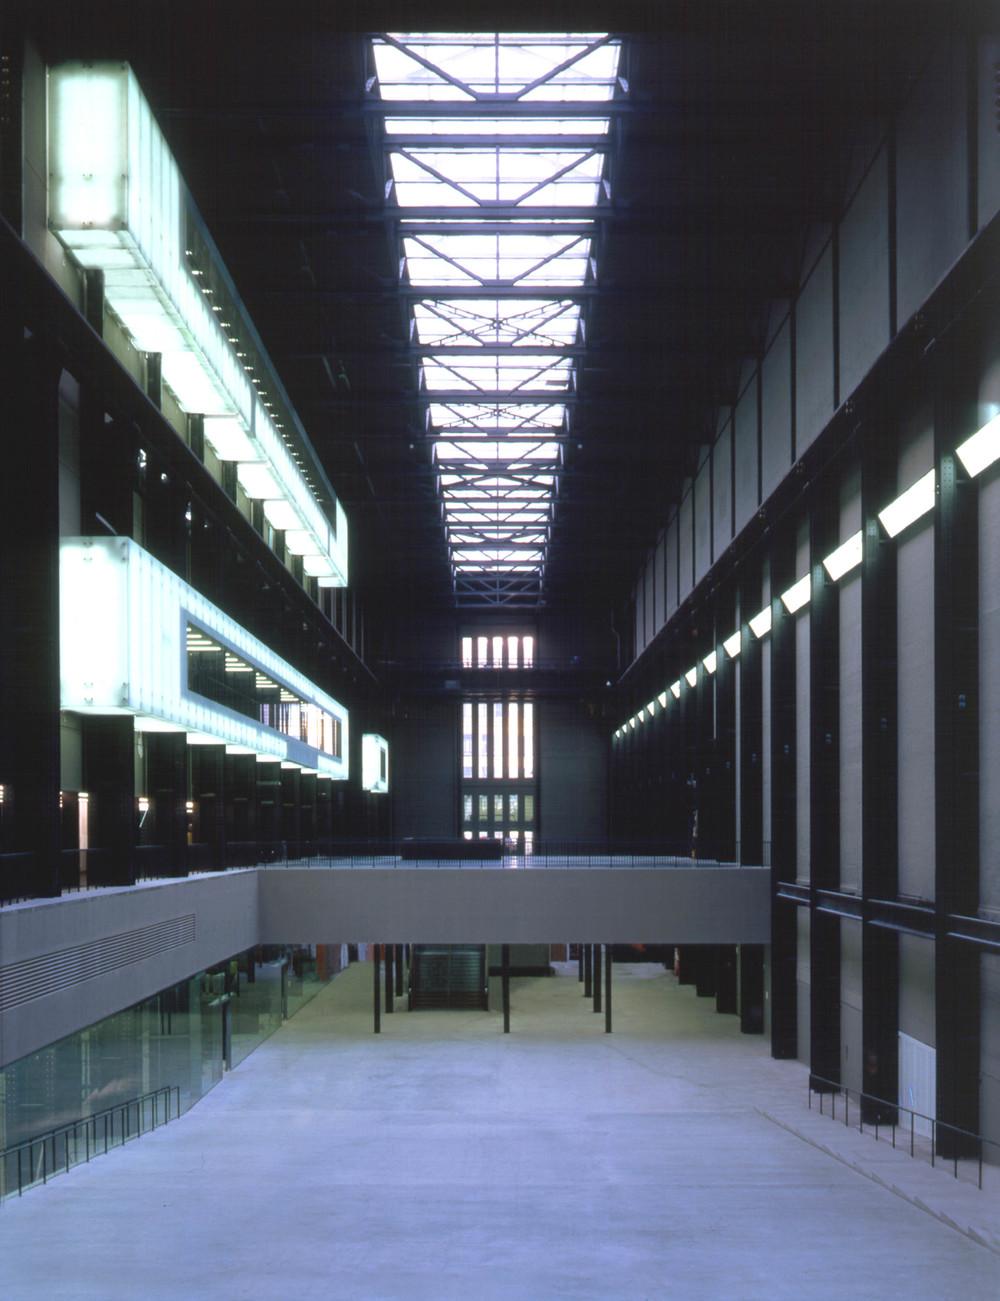 turbine_hall_1.jpg